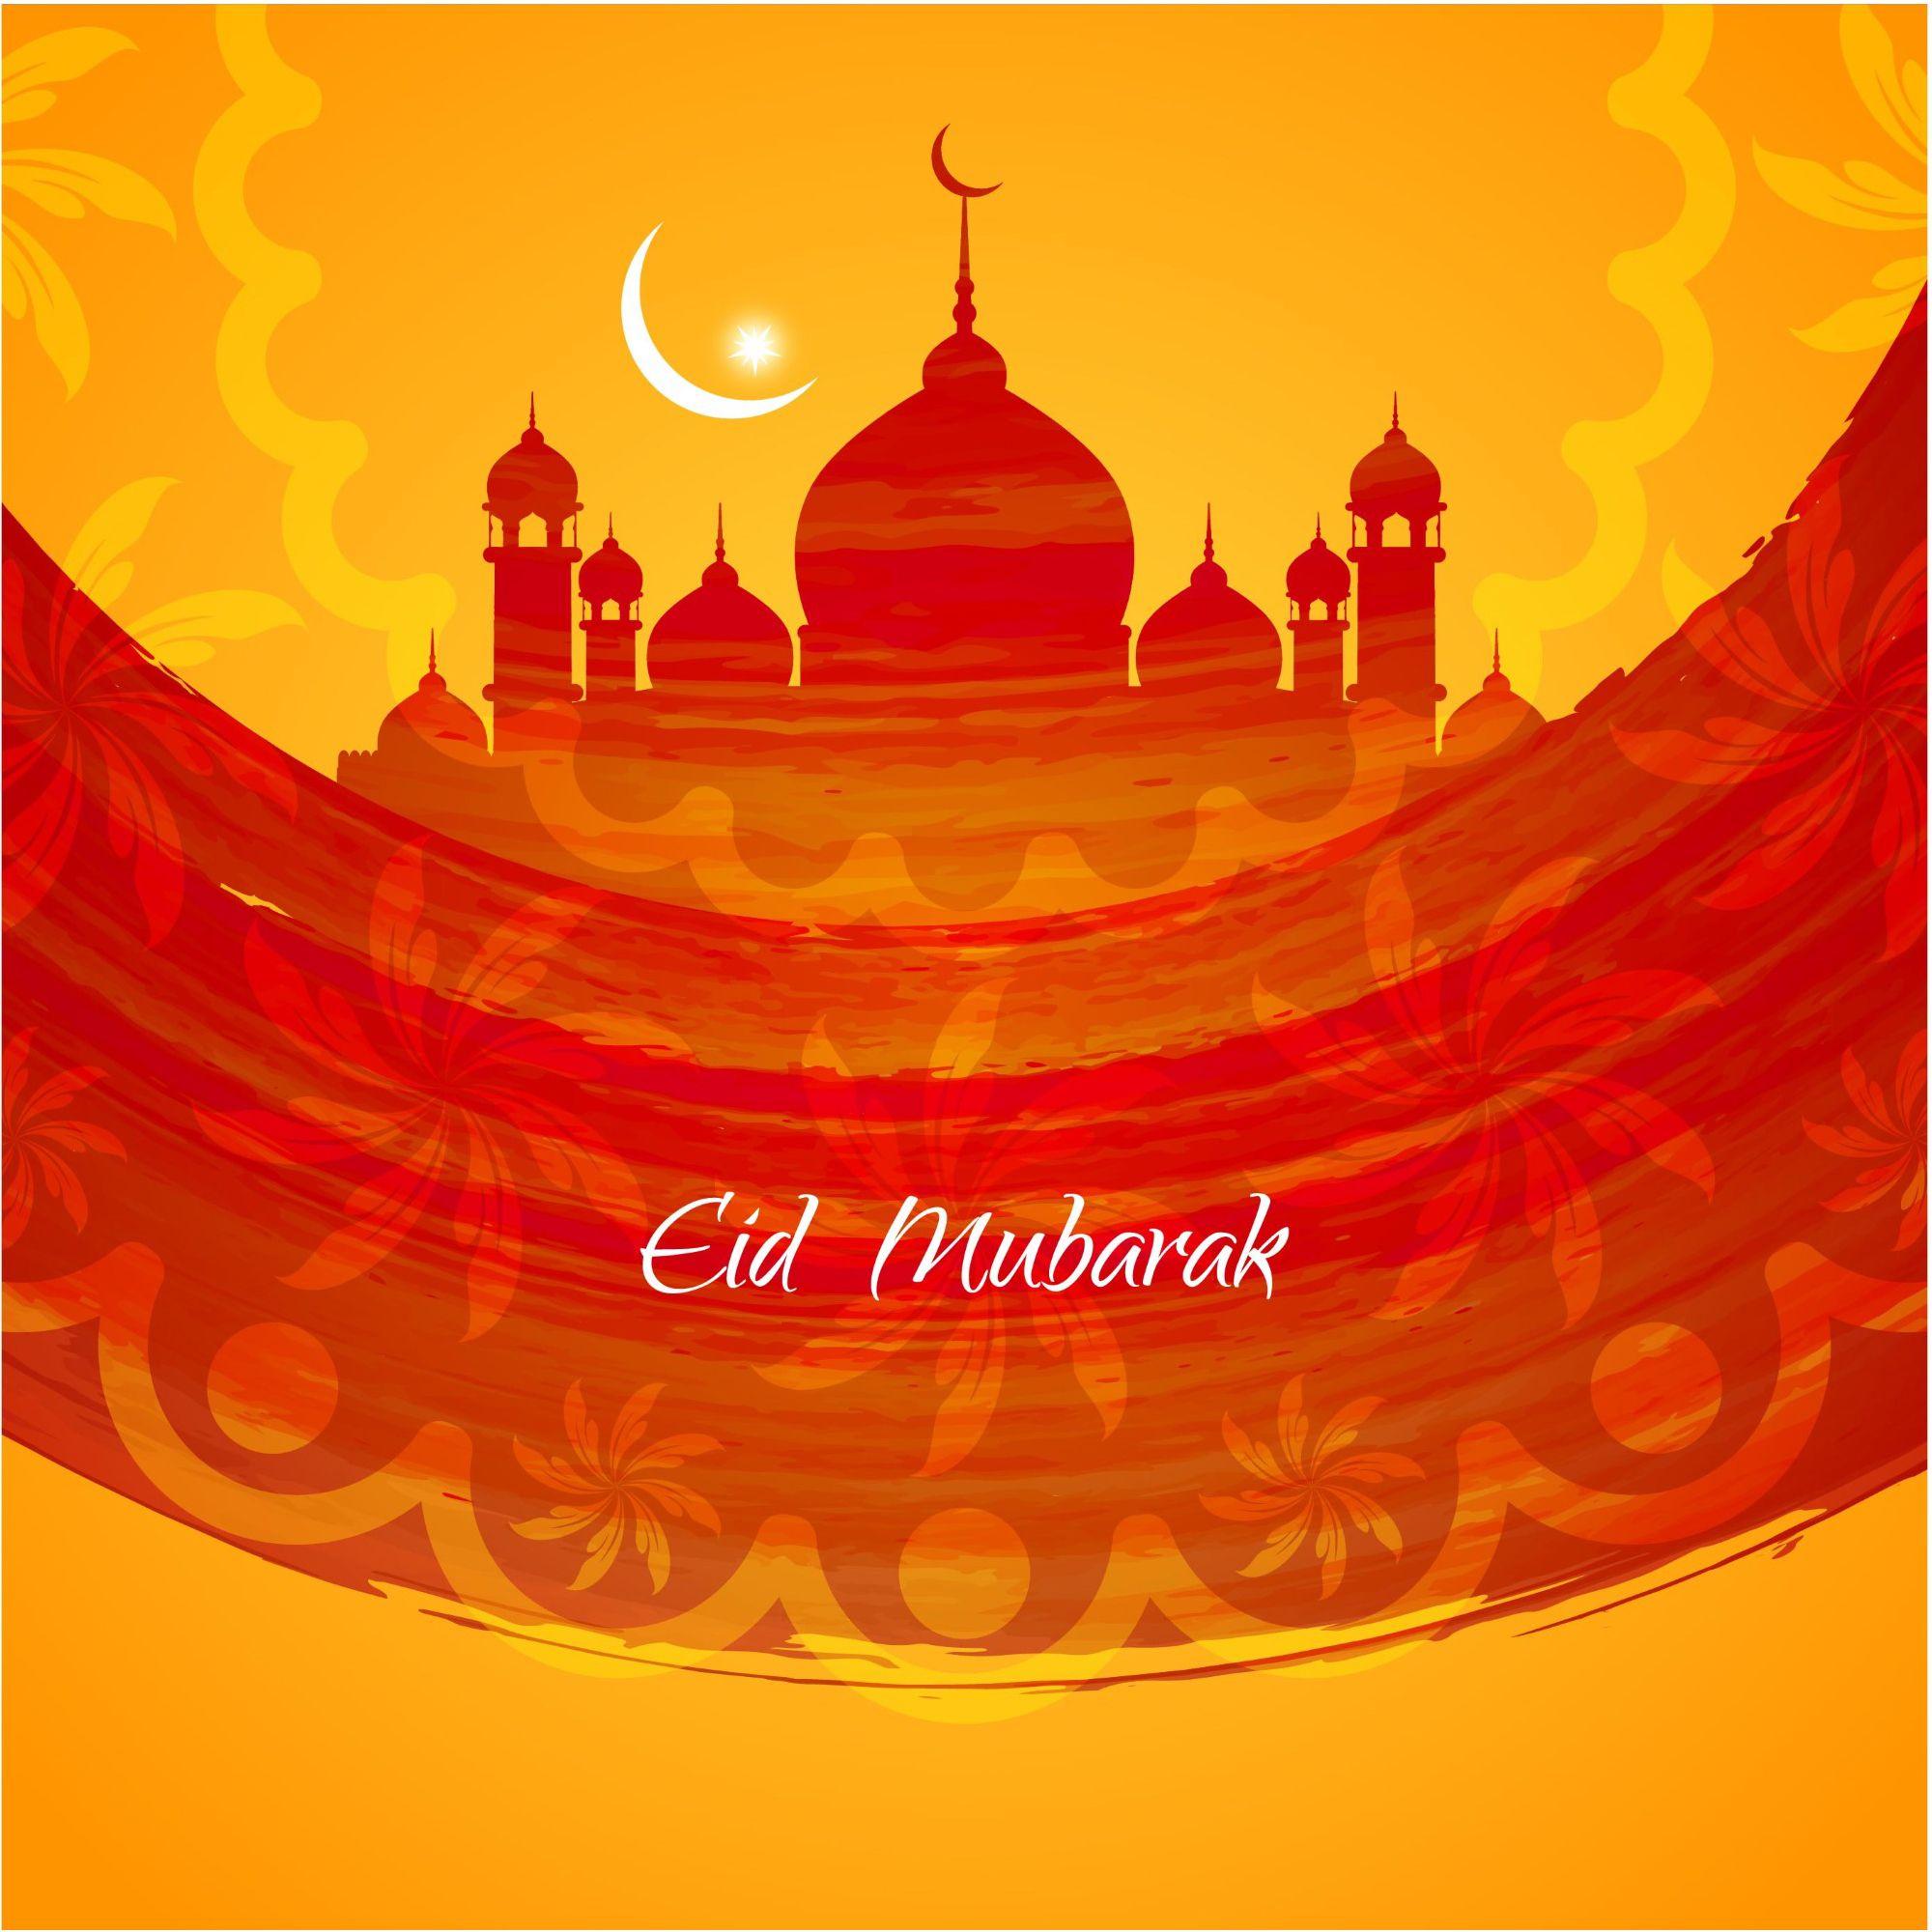 Pin By Desert Rose On Pinterest Eid